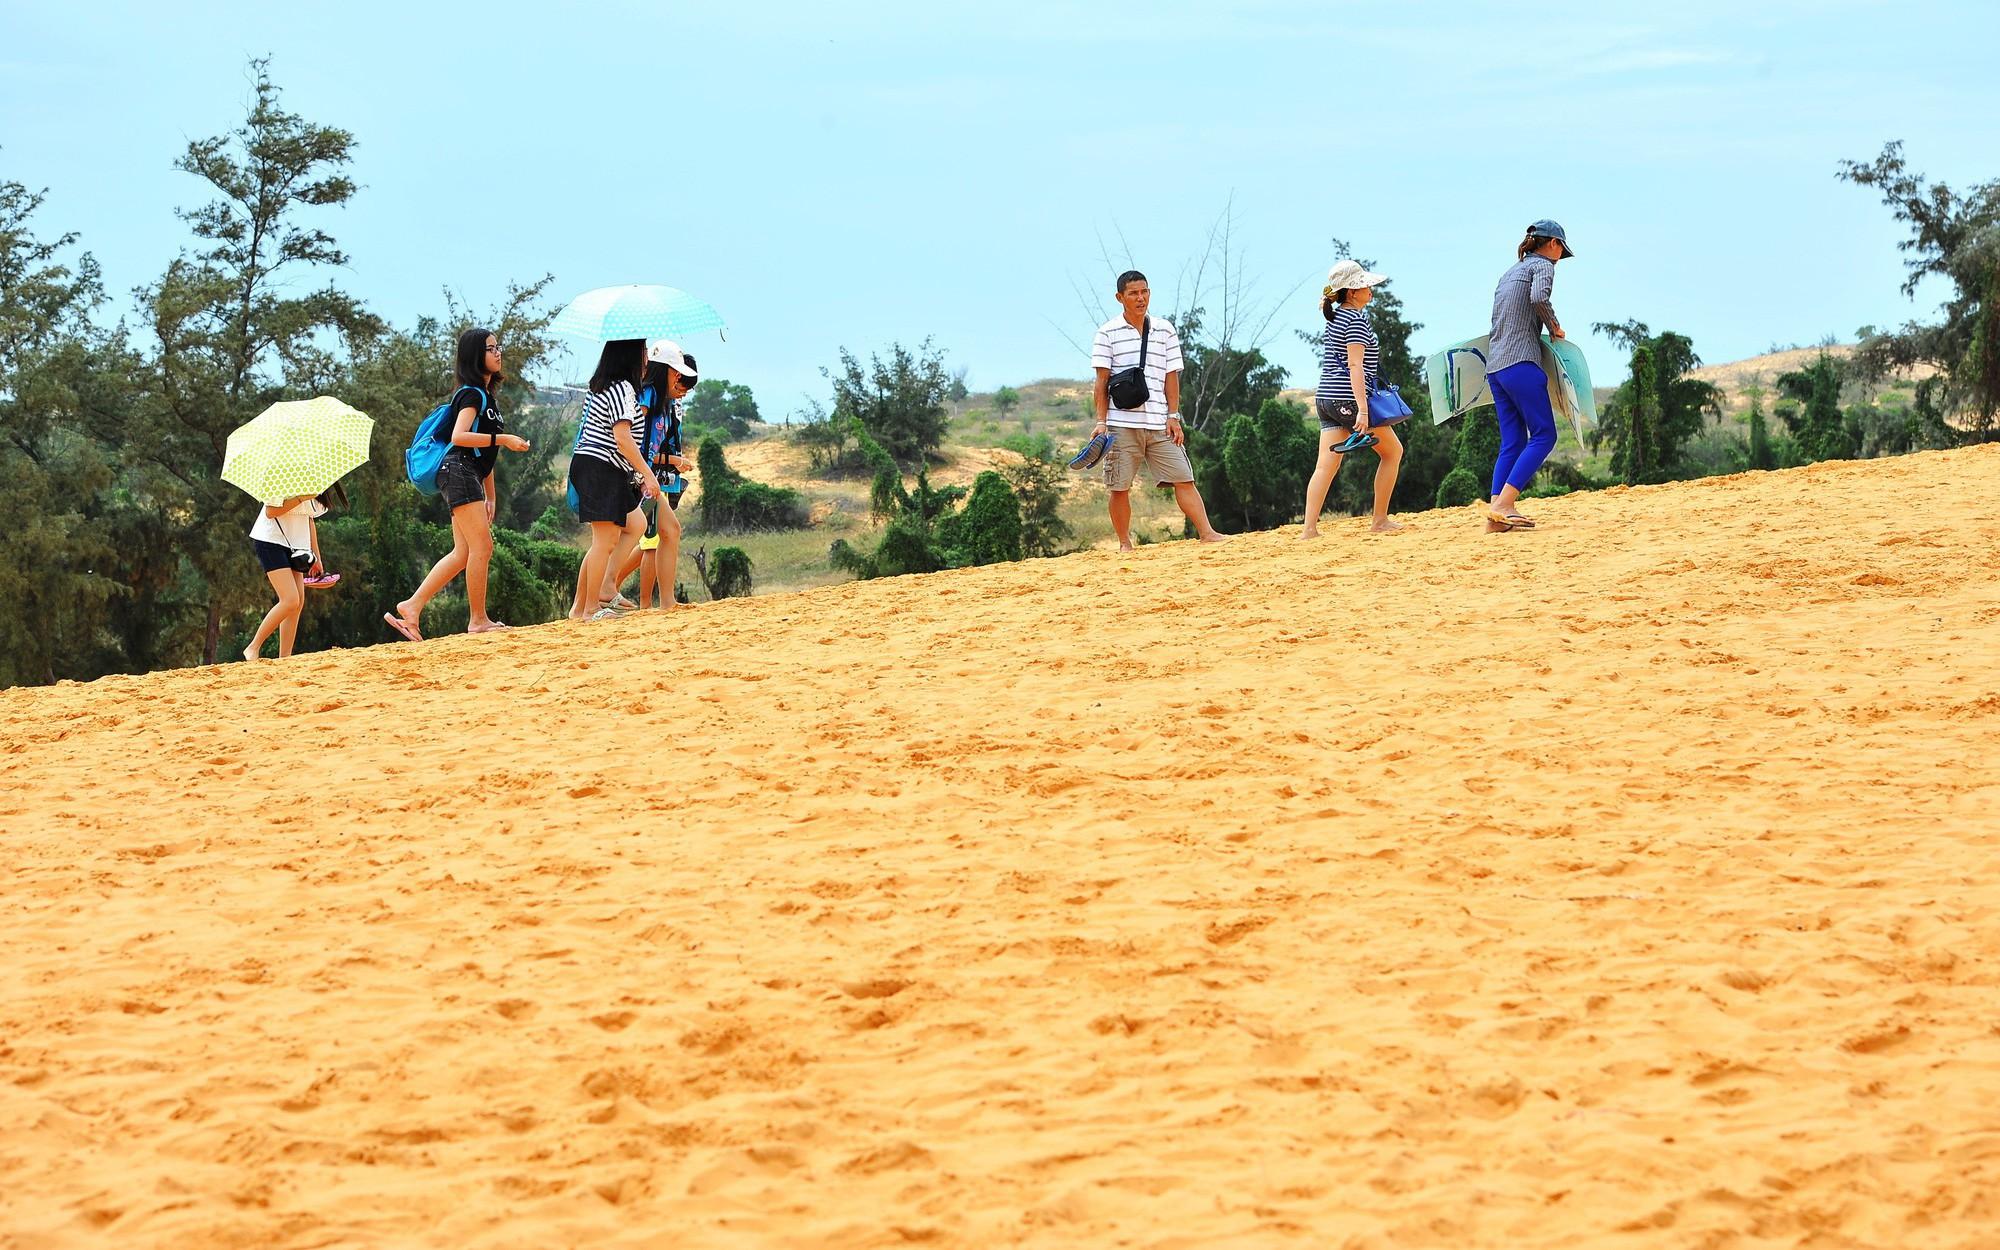 Gìn giữ, tôn tạo và phát huy vẻ đẹp tự nhiên Đồi cát bay Mũi Né